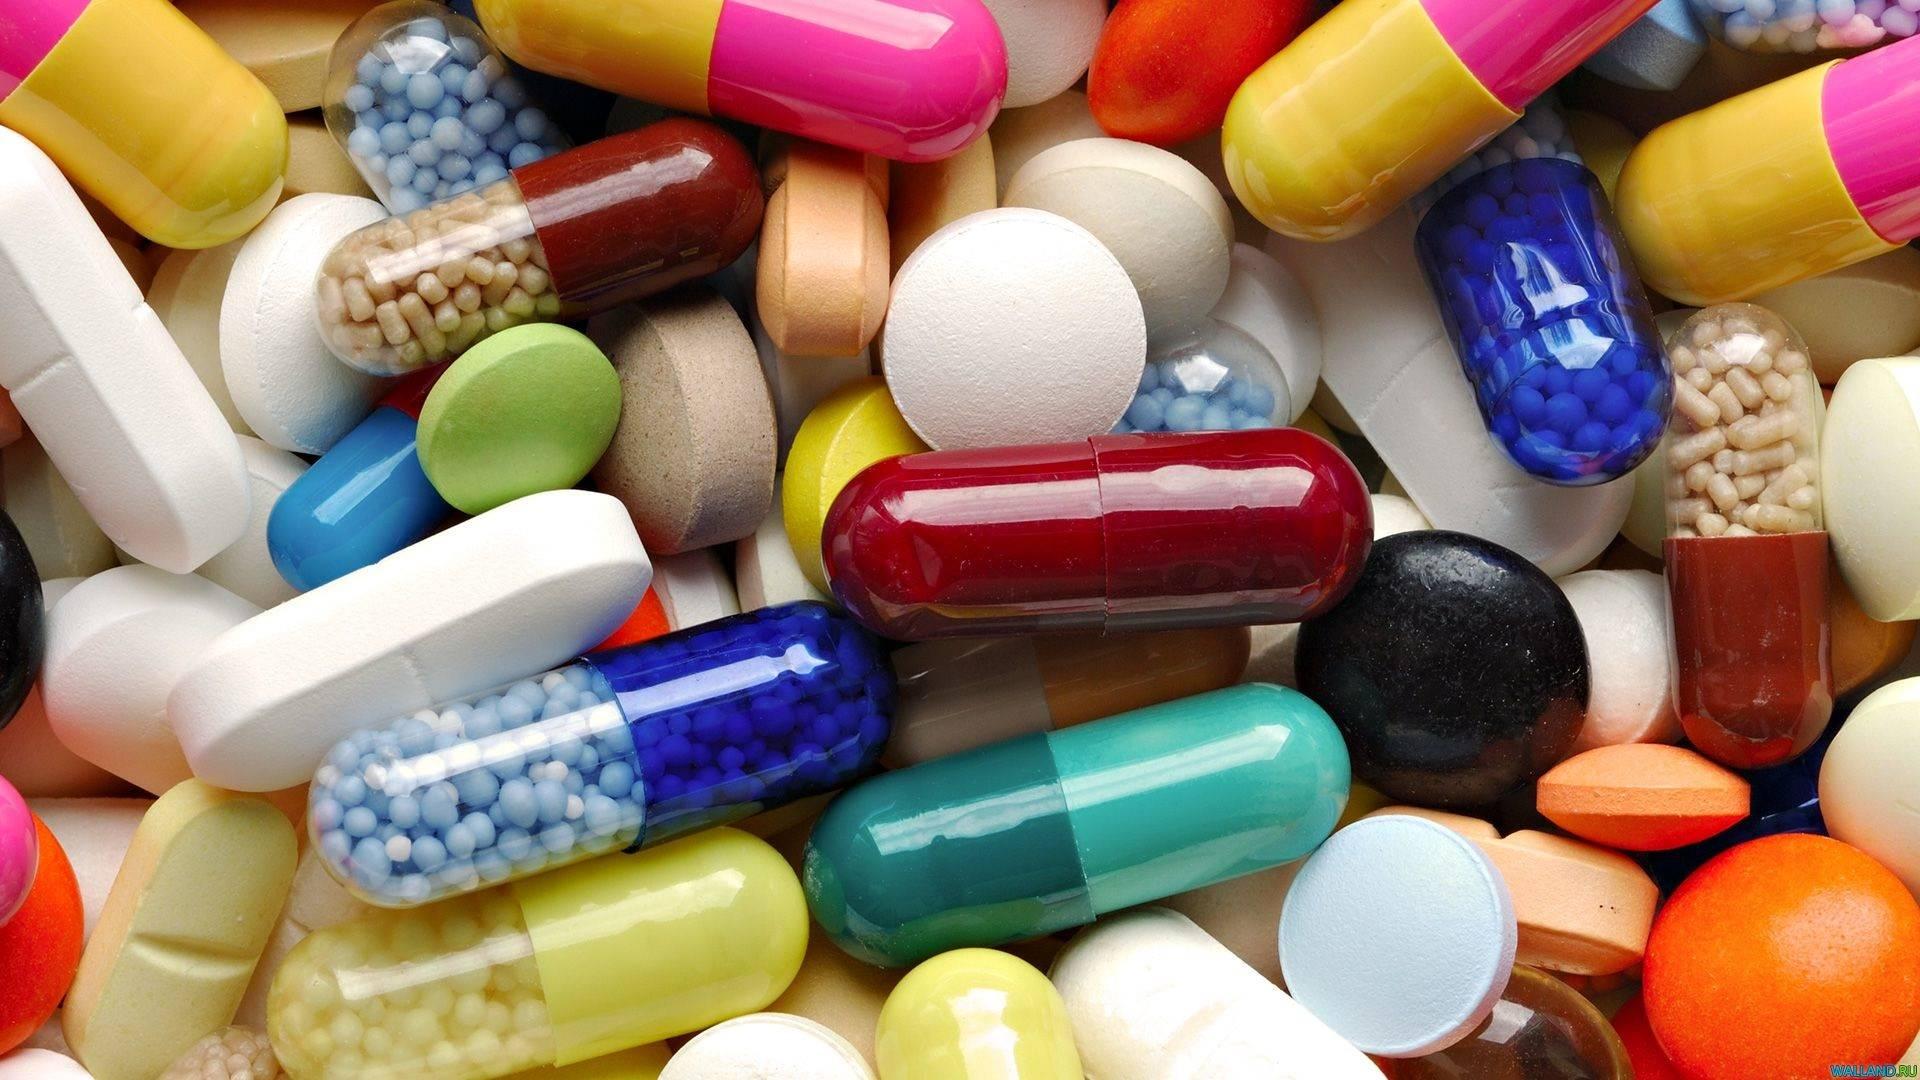 Большие дозы витаминов сокращают жизнь